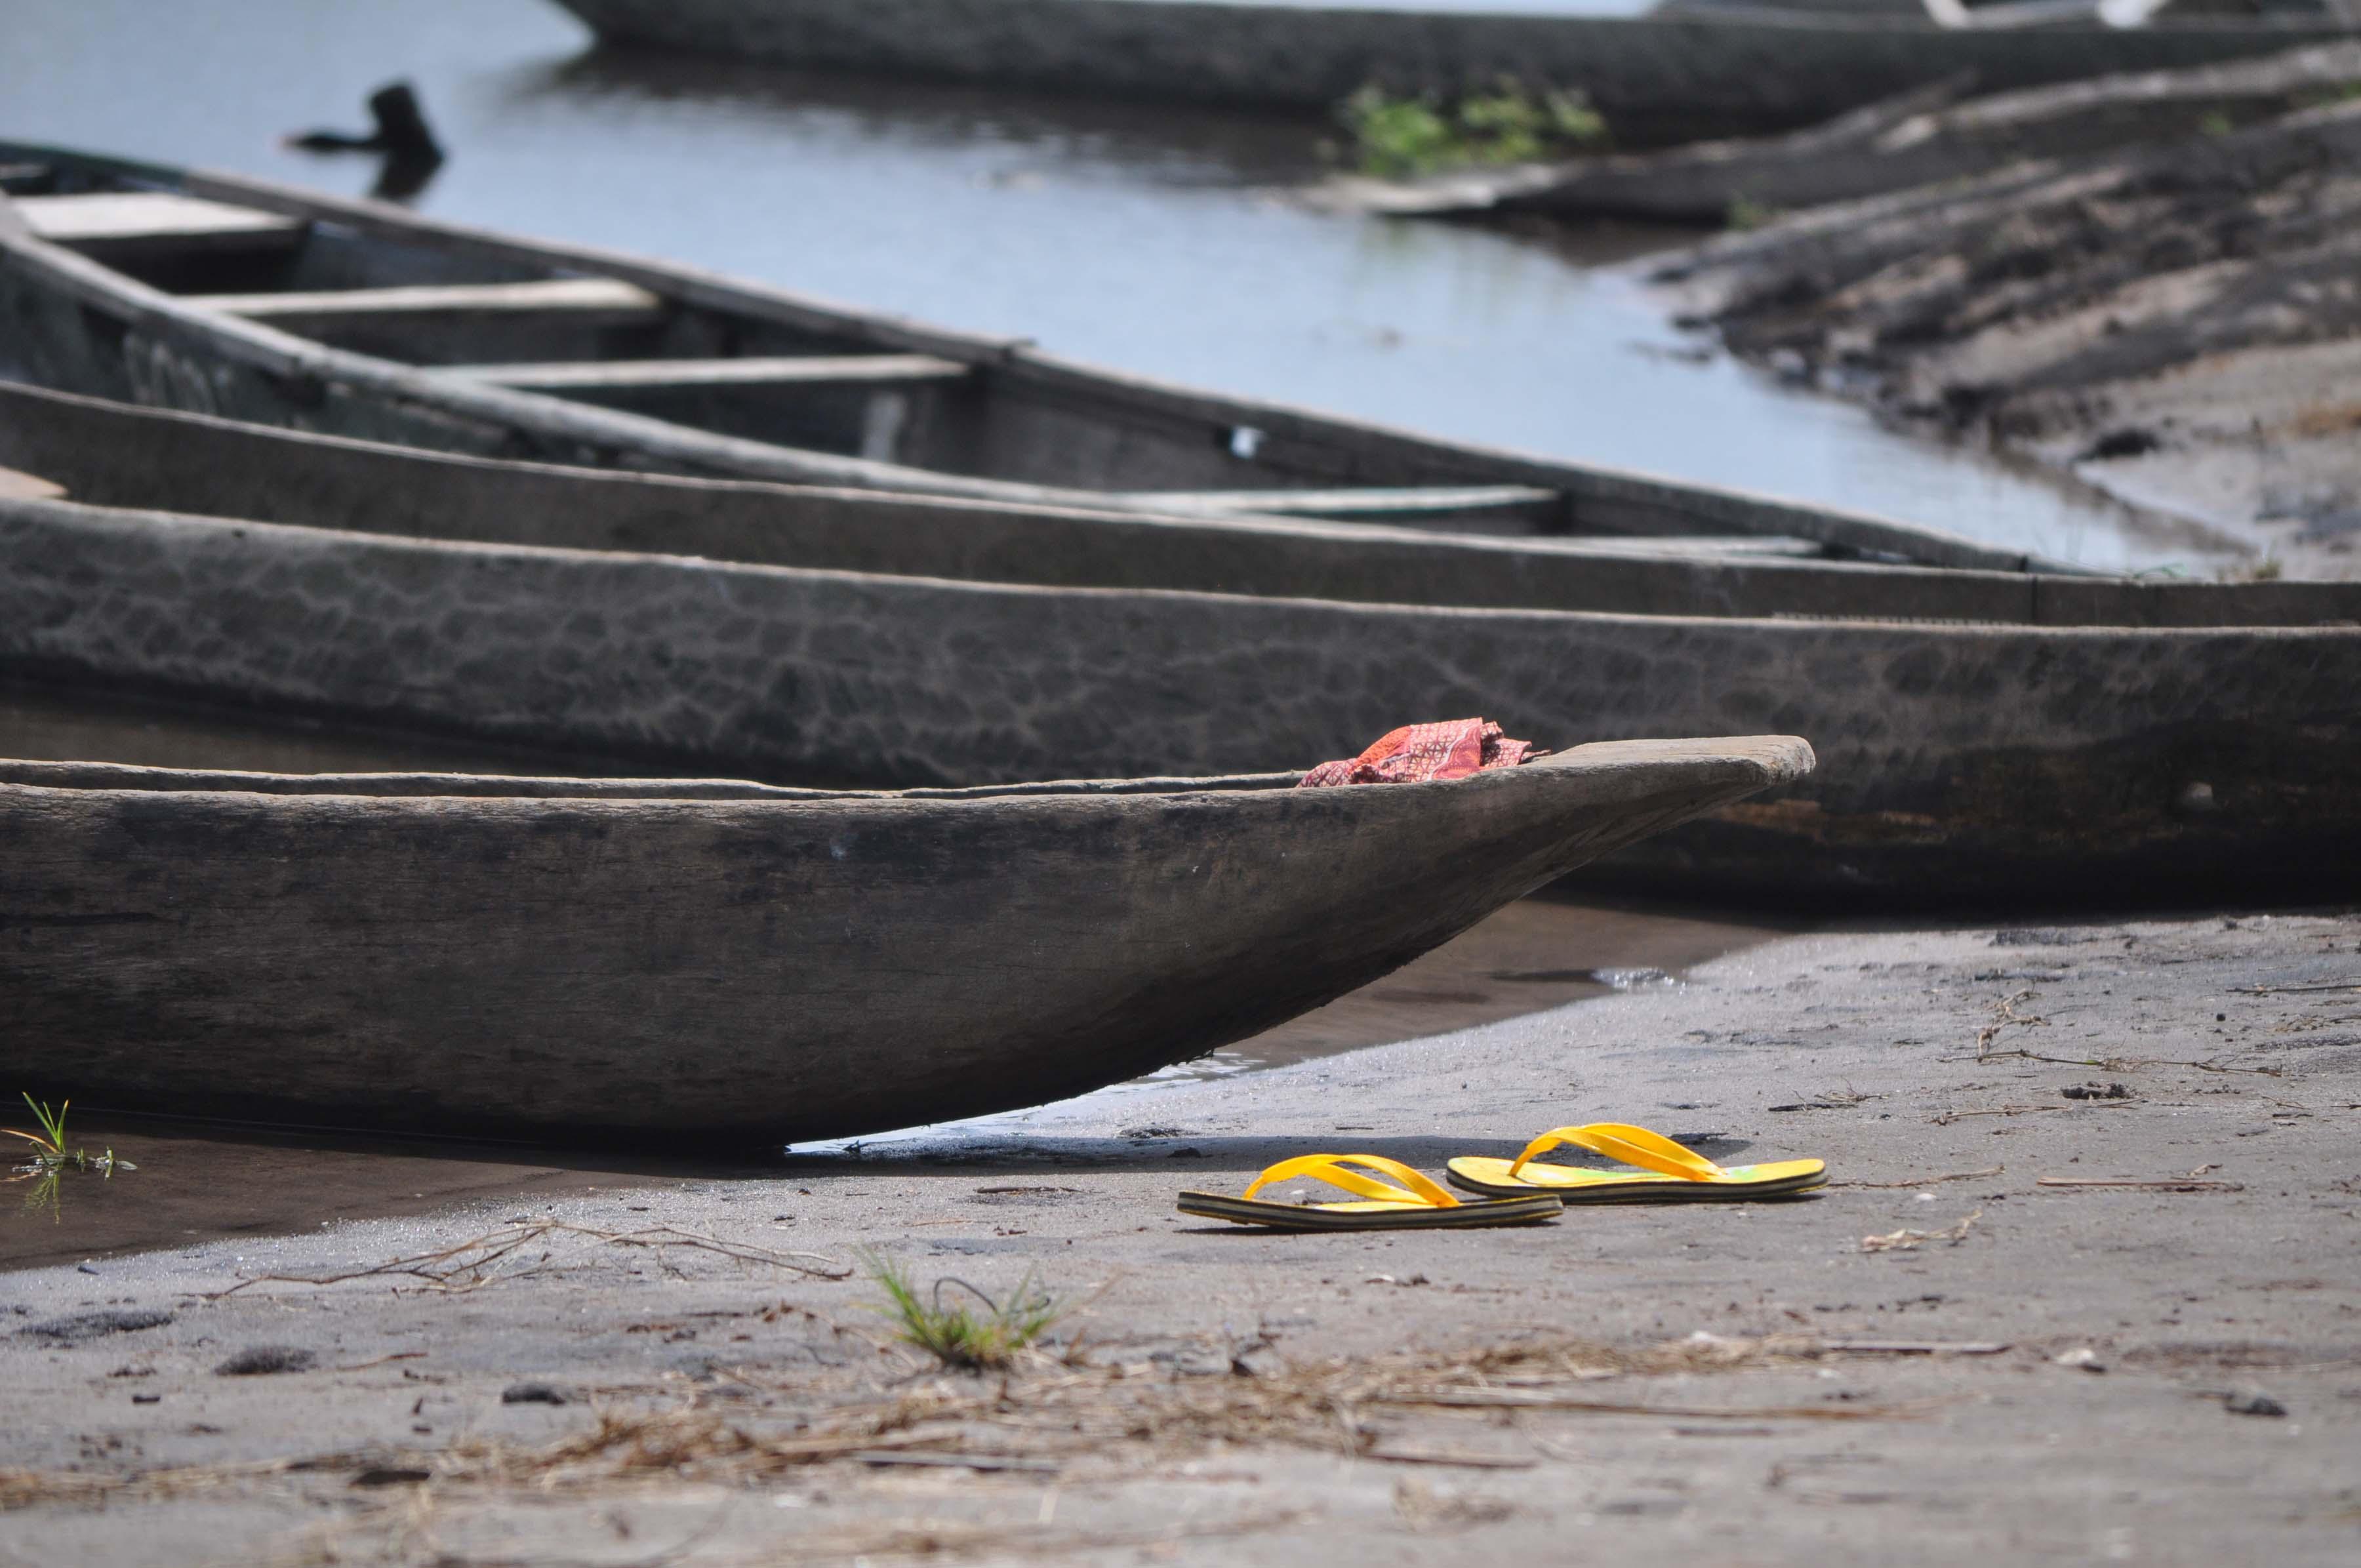 Canoe & slippers